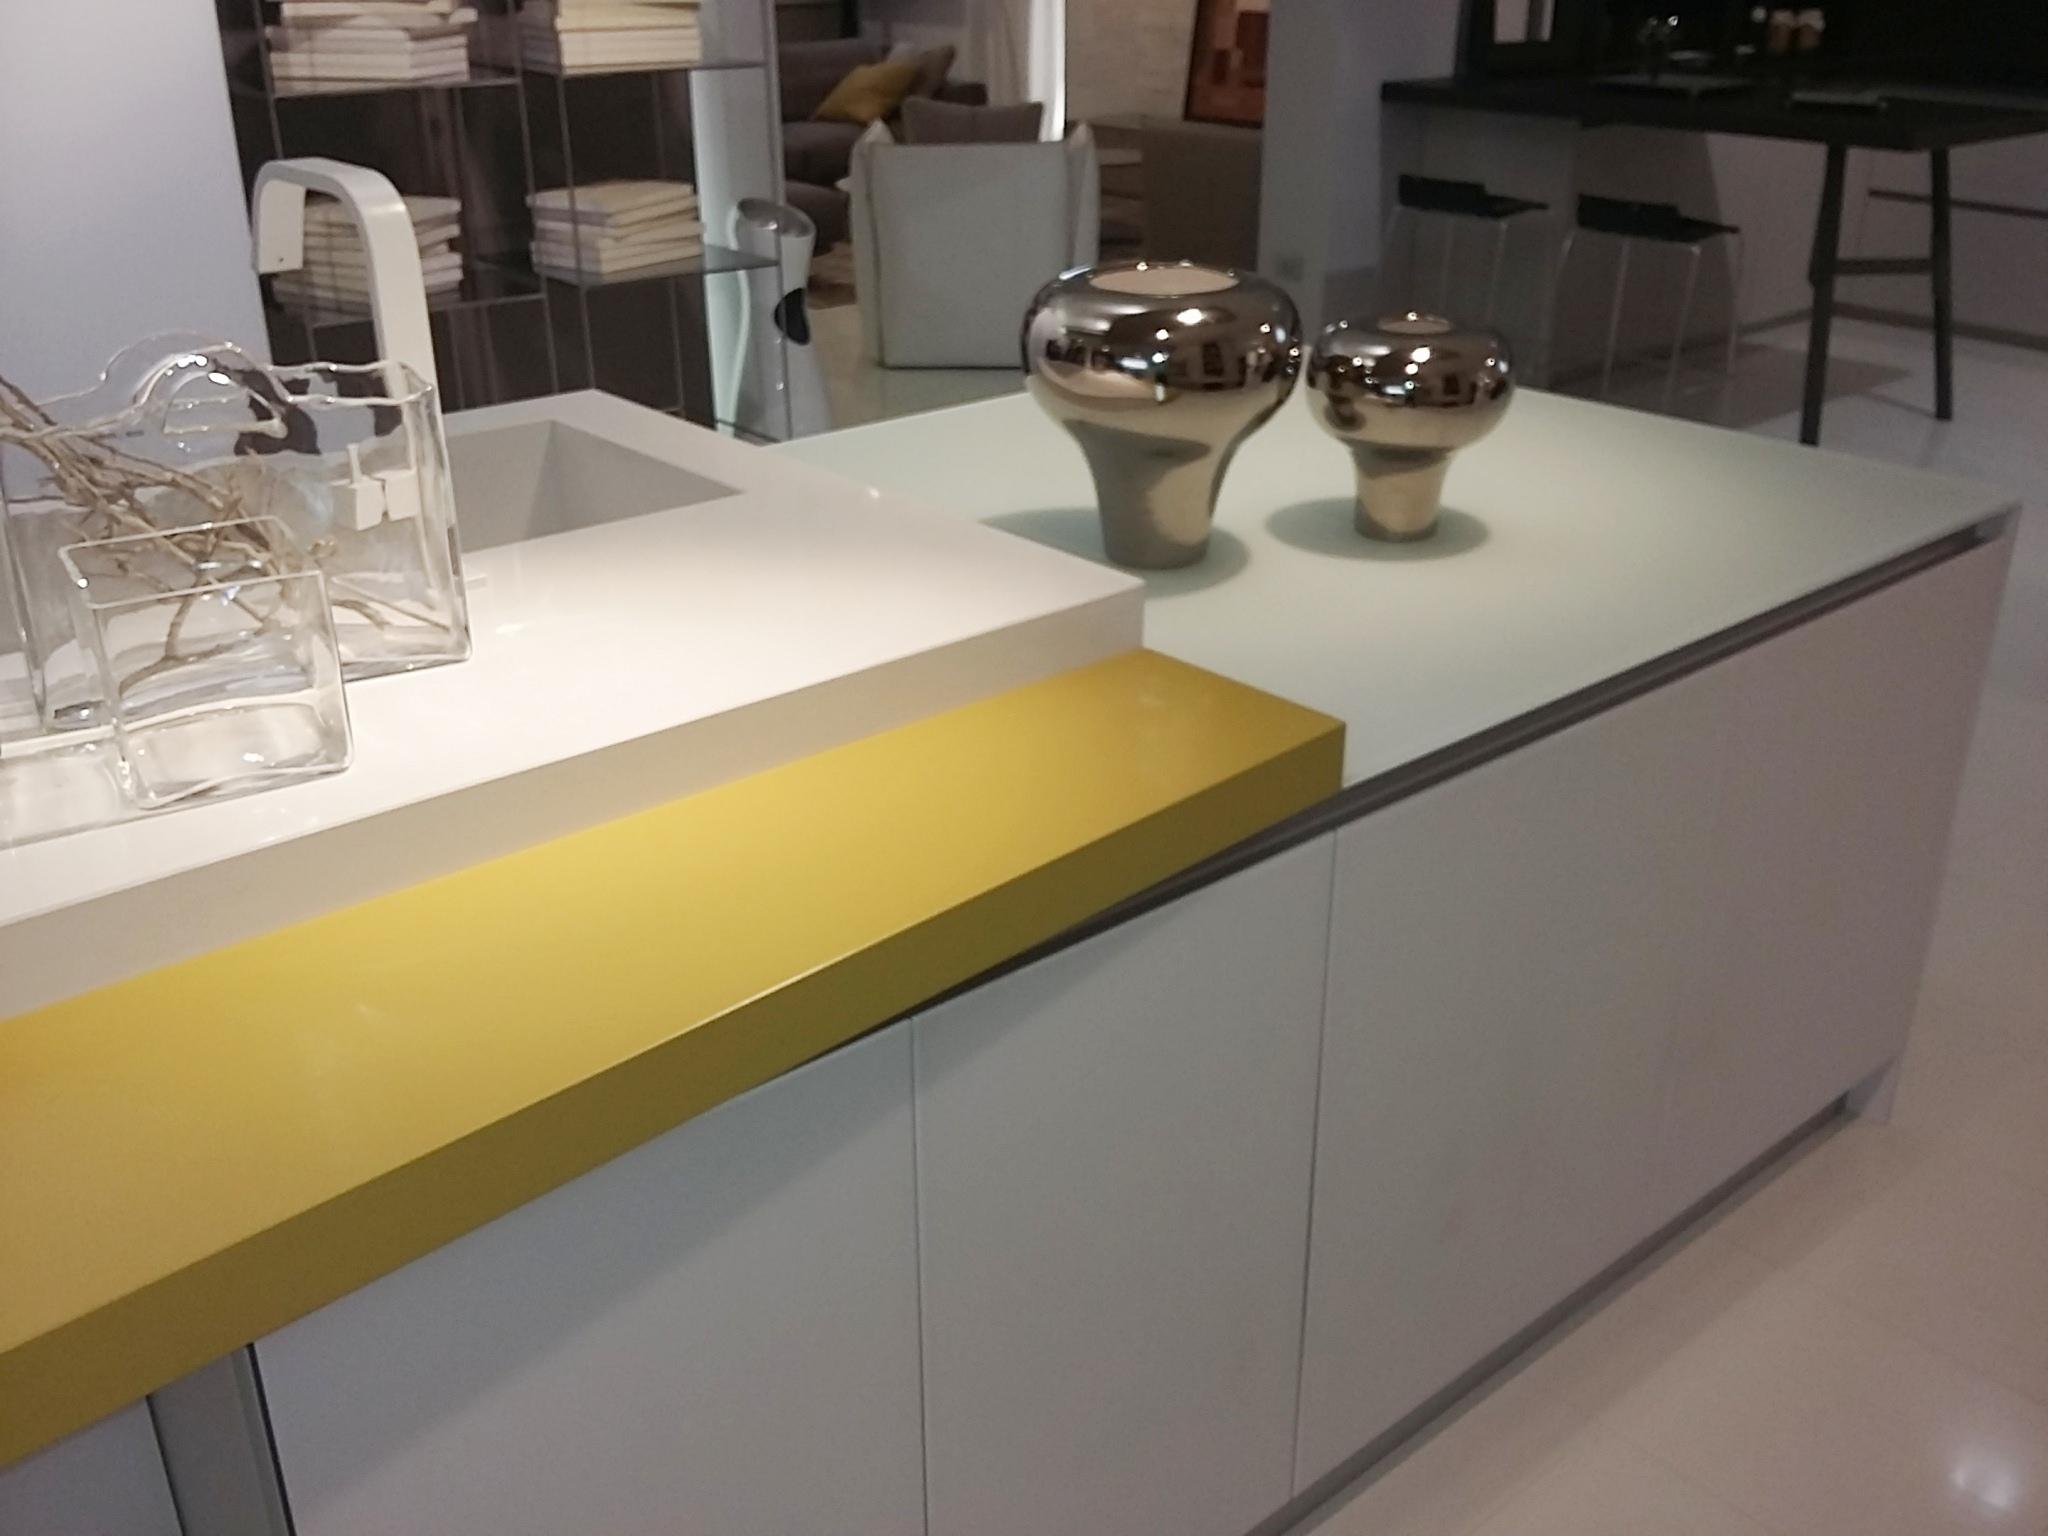 Cucina cielo vetro bianco opaco piano silestone con - Lavello cucina resina ...